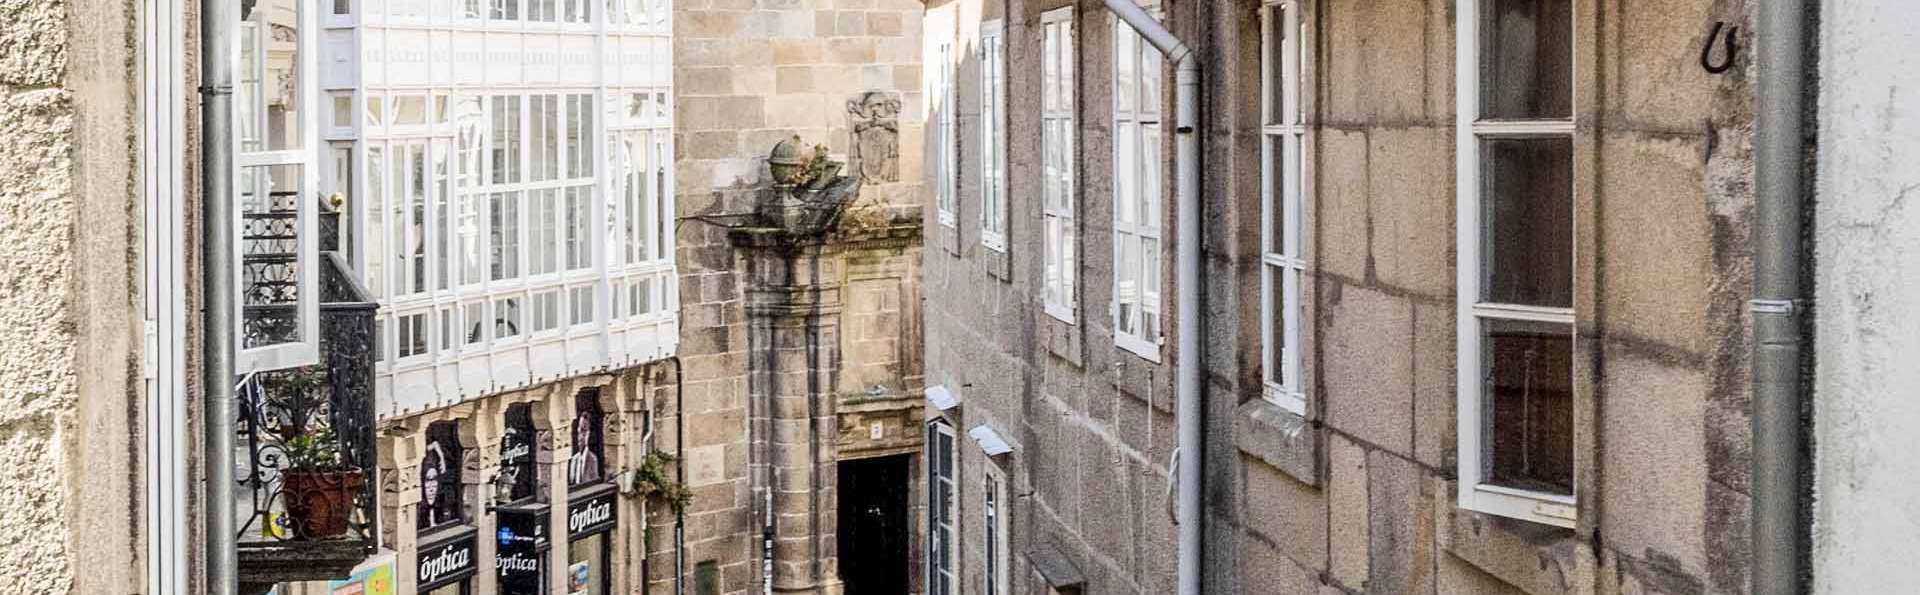 Escápate con tu media naranja a Santiago de Compostela, ¡con cava y bombones!